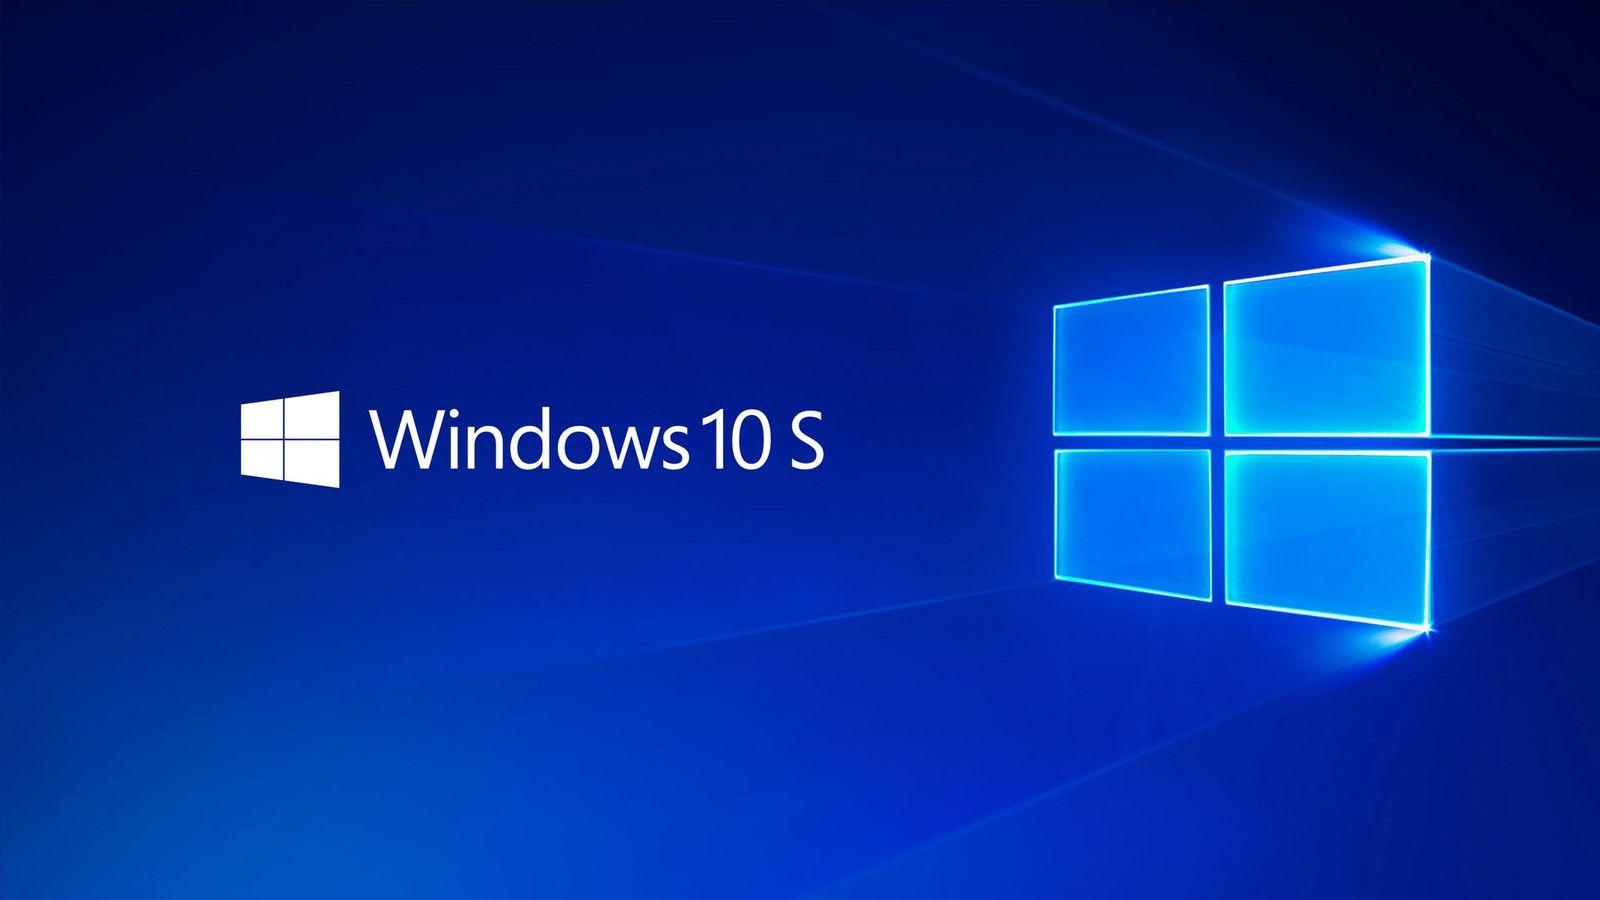 Nên chọn bản Window nào tốt nhất Win 7 81 hay 10 và 32 bit hay 64 bit?